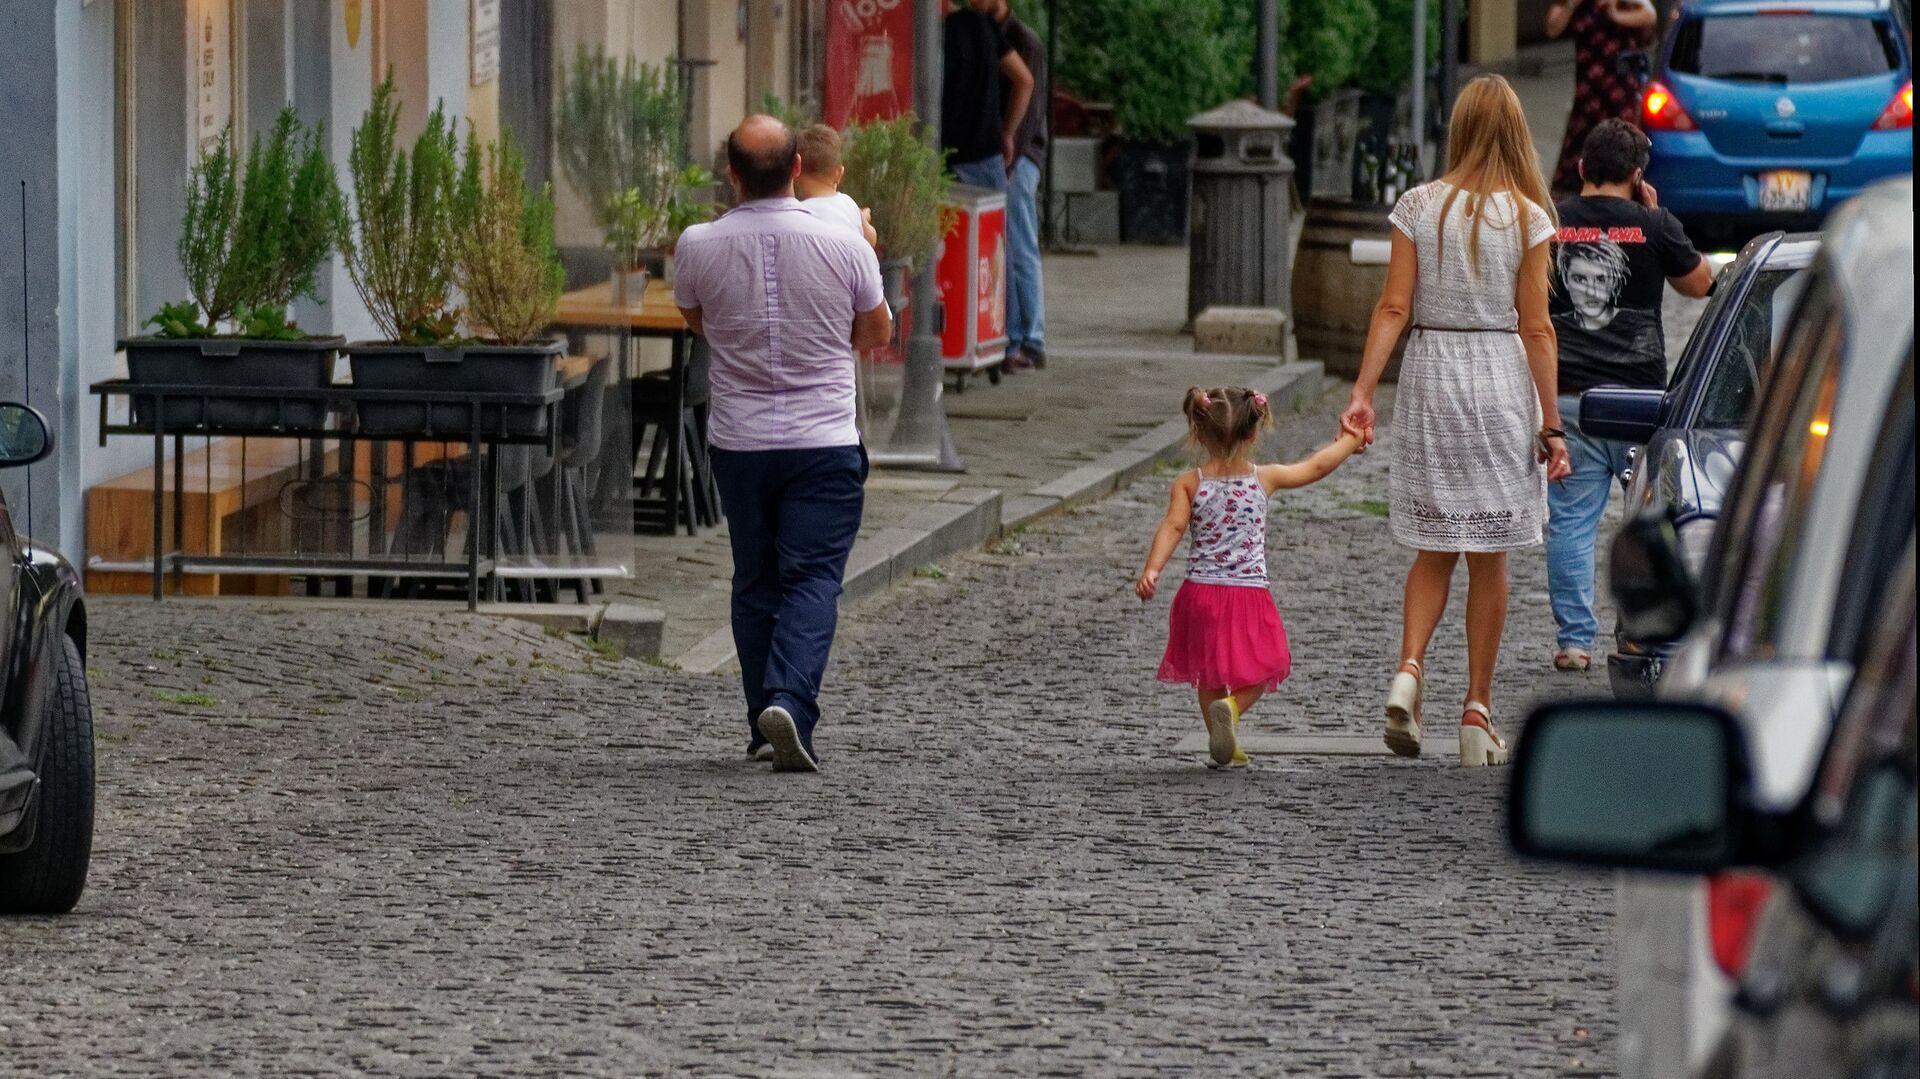 Семья с детьми гуляет по старому городу в центре Тбилиси - Sputnik Грузия, 1920, 30.09.2021